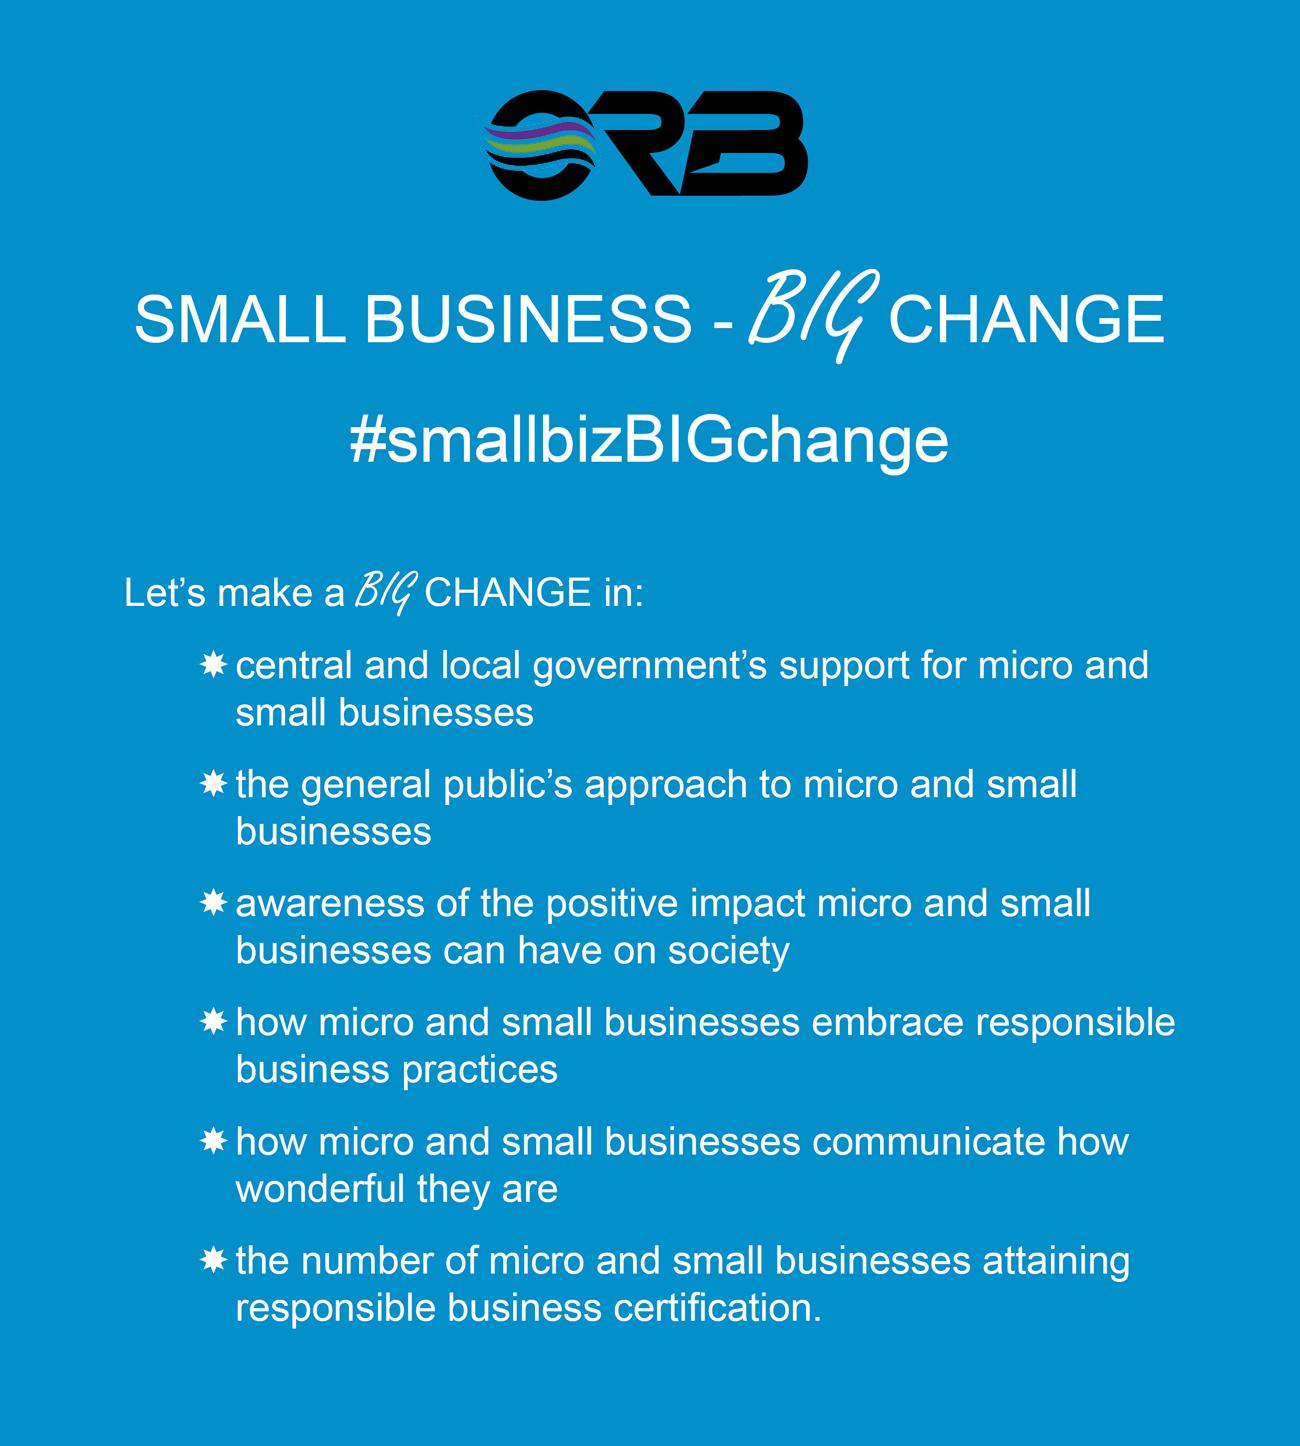 Small Business- BIG Change #smallbizBIGchange